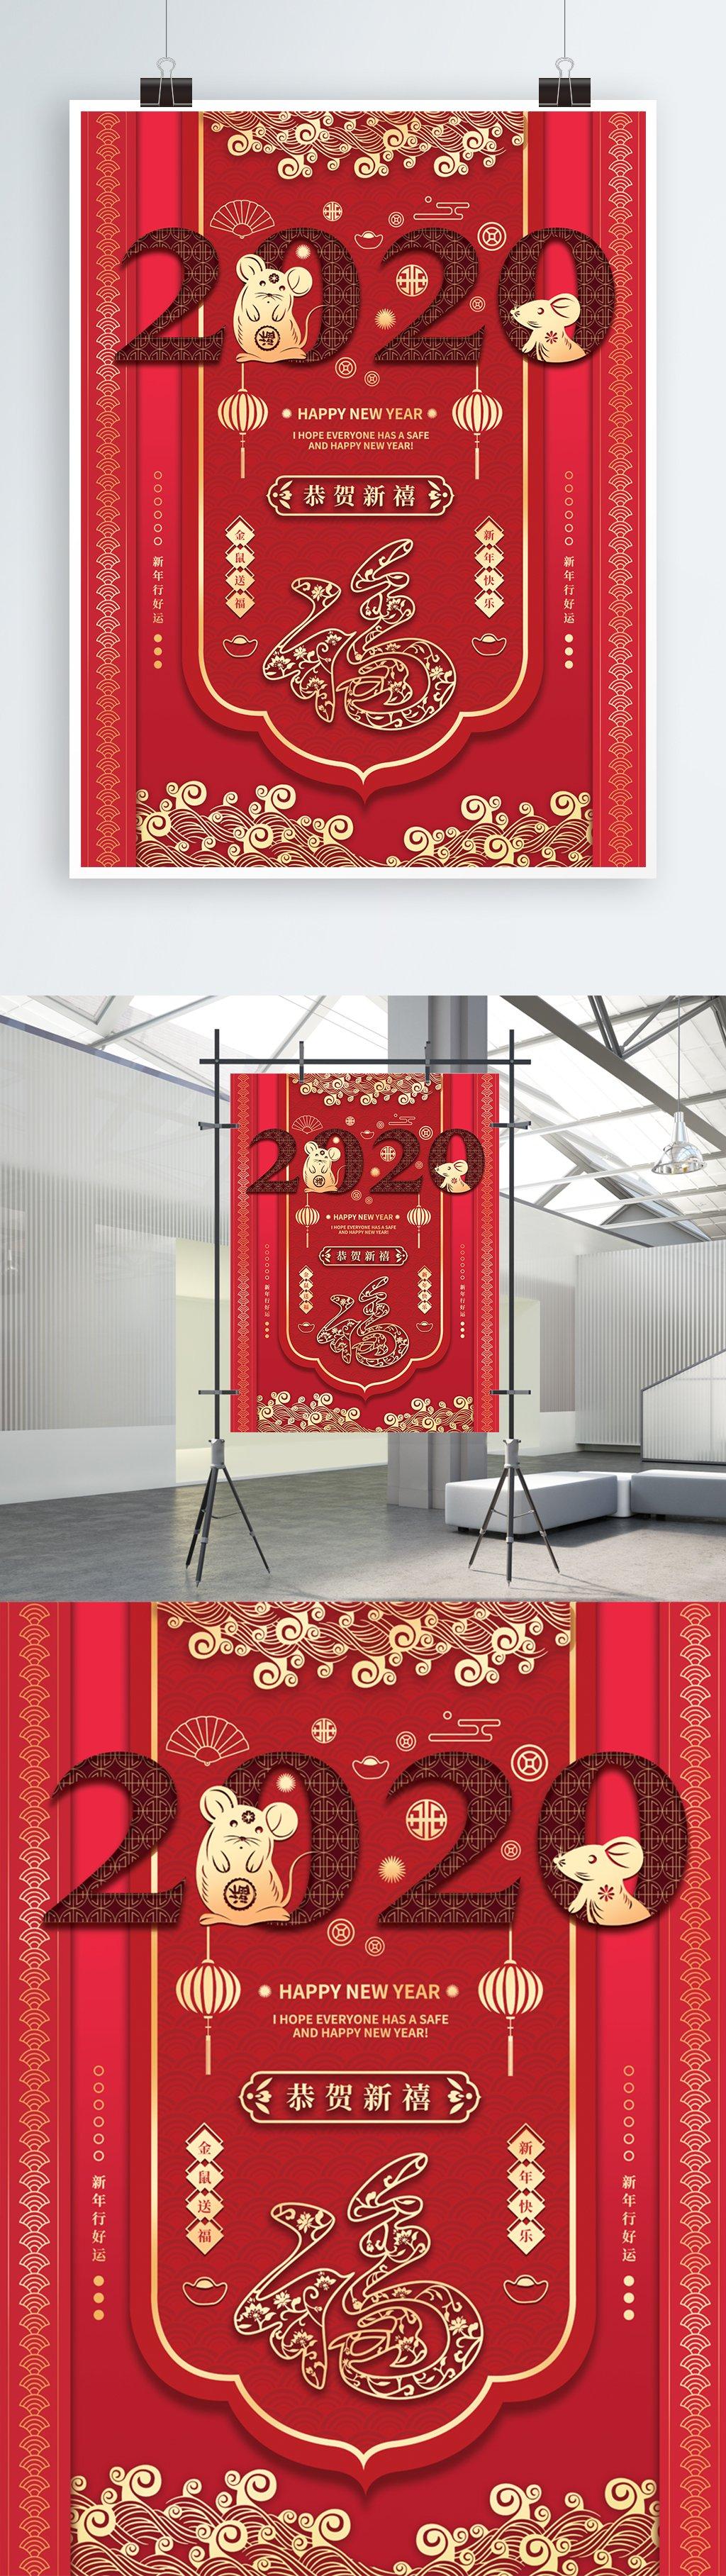 鼠年海报新年海报节日活动海报板式设计2020